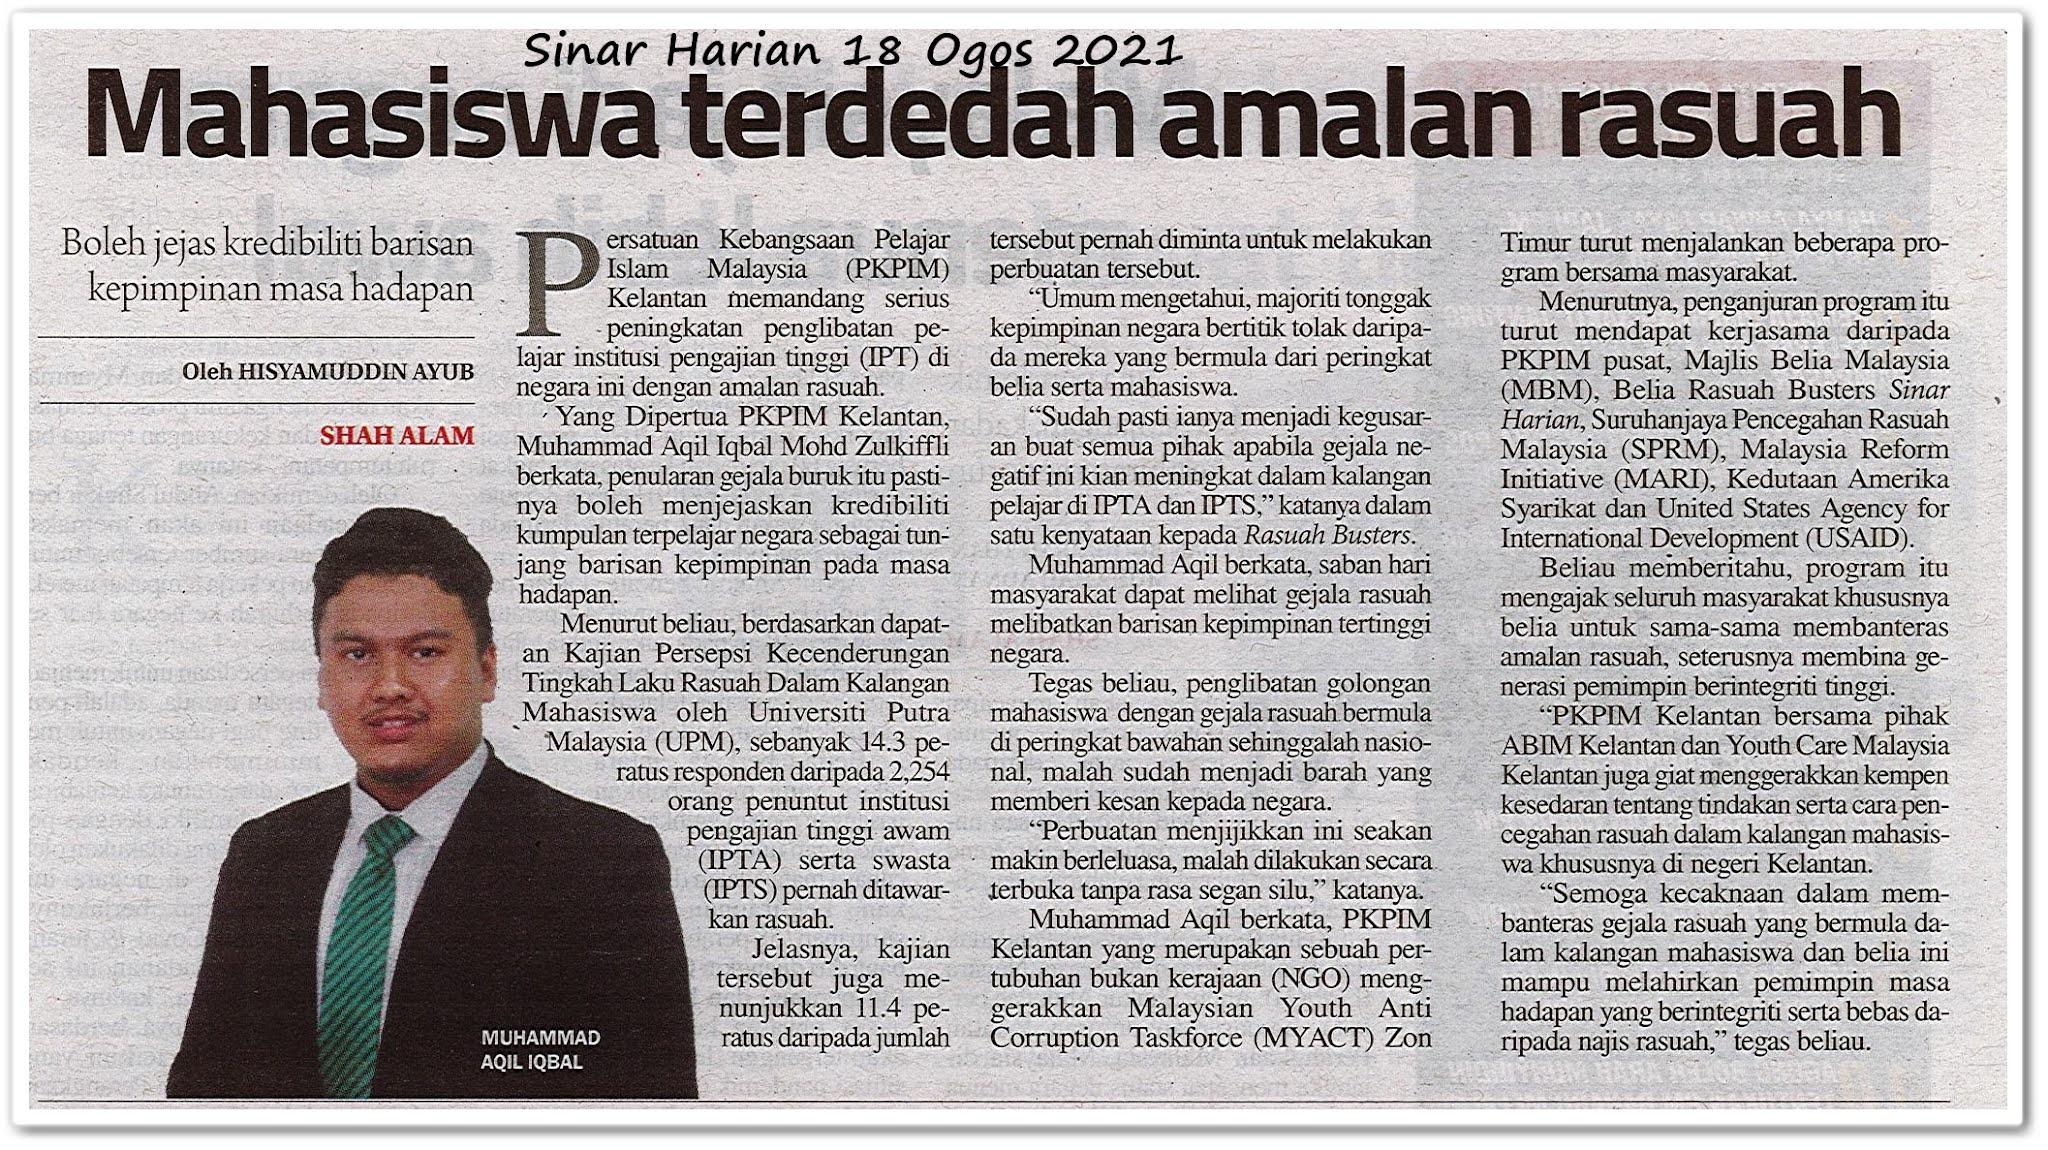 Mahasiswa terdedah amalan rasuah - Keratan akhbar Sinar Harian 18 Ogos 2021